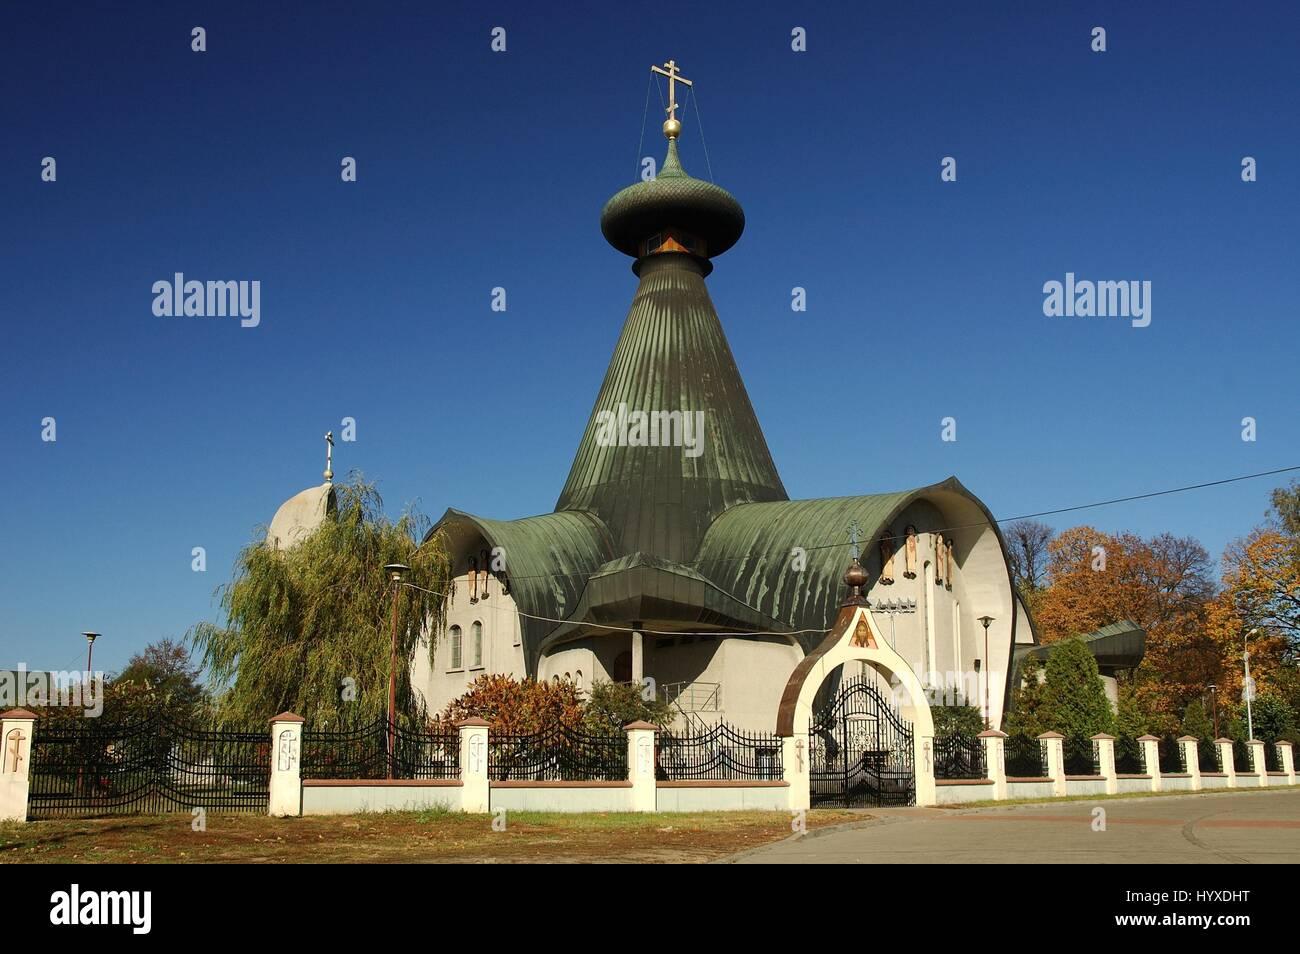 Poland, Hajnowka, The Holy Trinity Orthodox Church - Stock Image